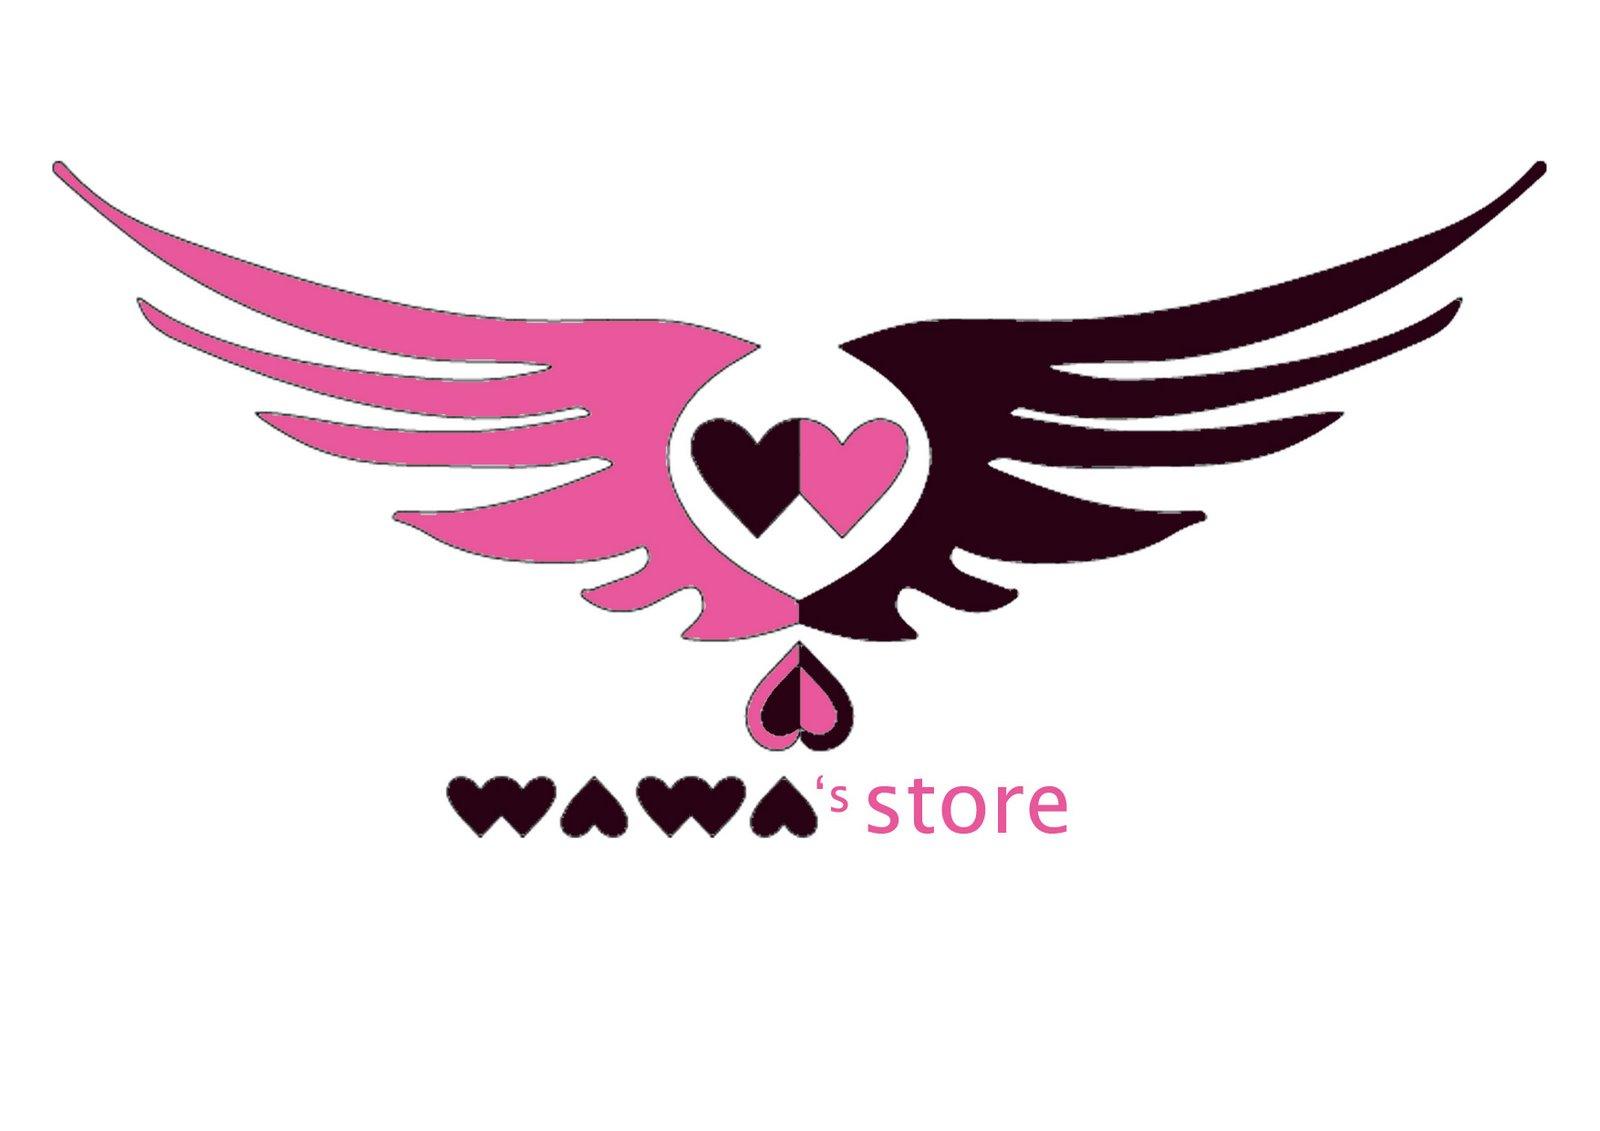 wAwA's Store